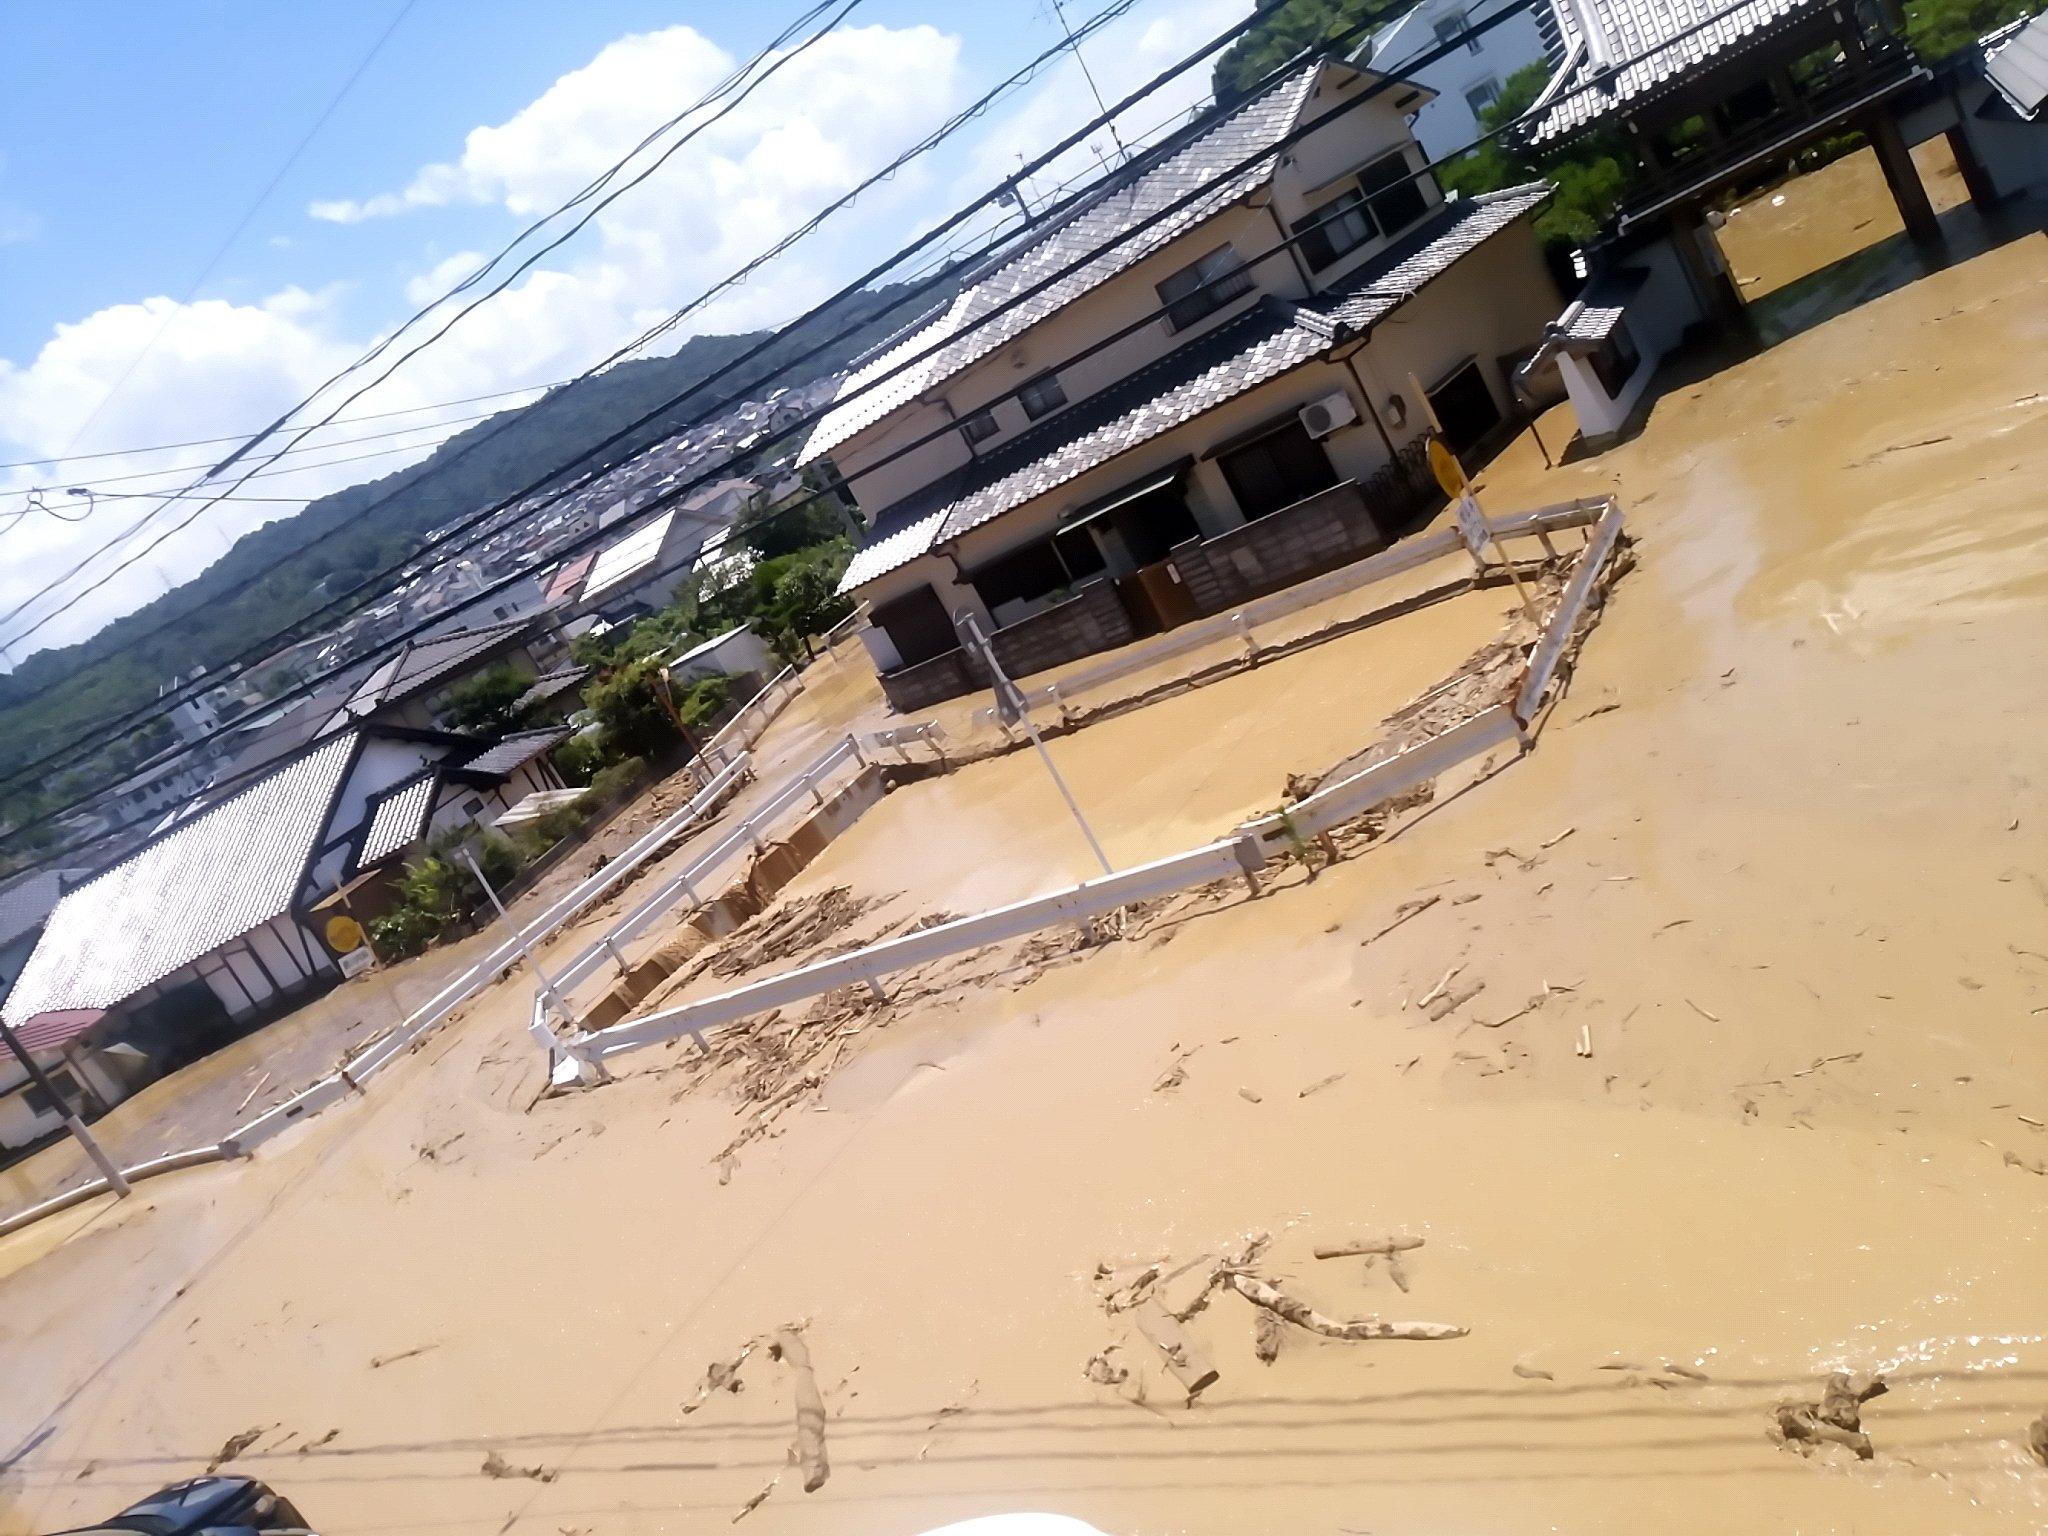 画像,【注意】安芸郡府中町榎川氾濫してますので、ご注意ください。 https://t.co/24hiLMYN9x。